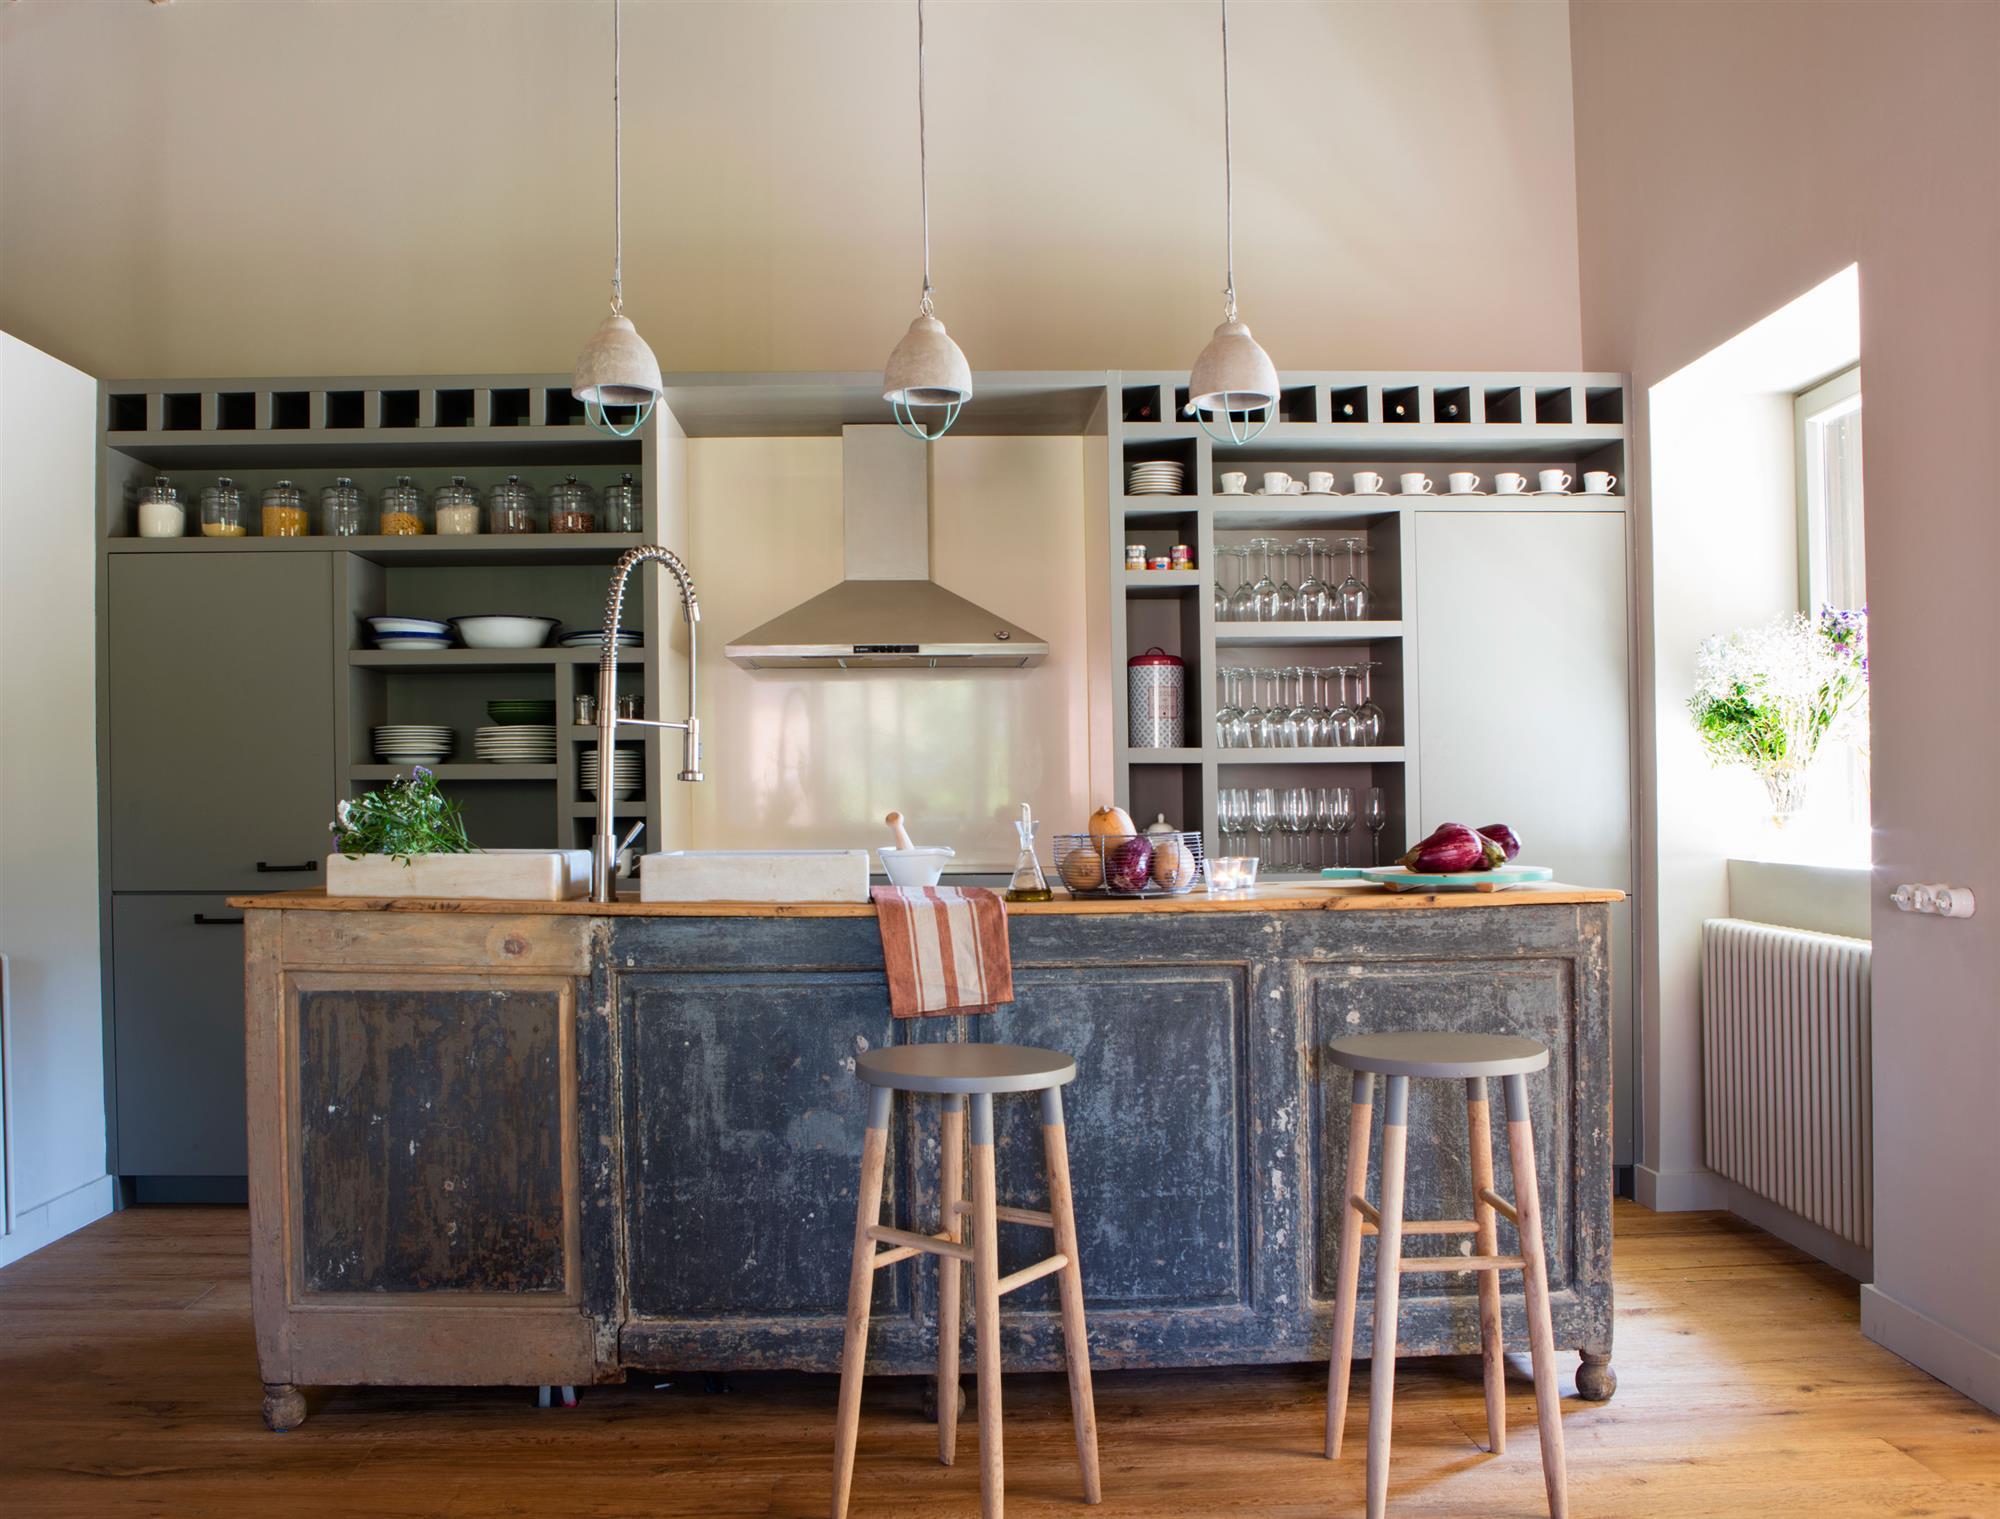 cocina con mobiliario antiguo decapado_00443284 O